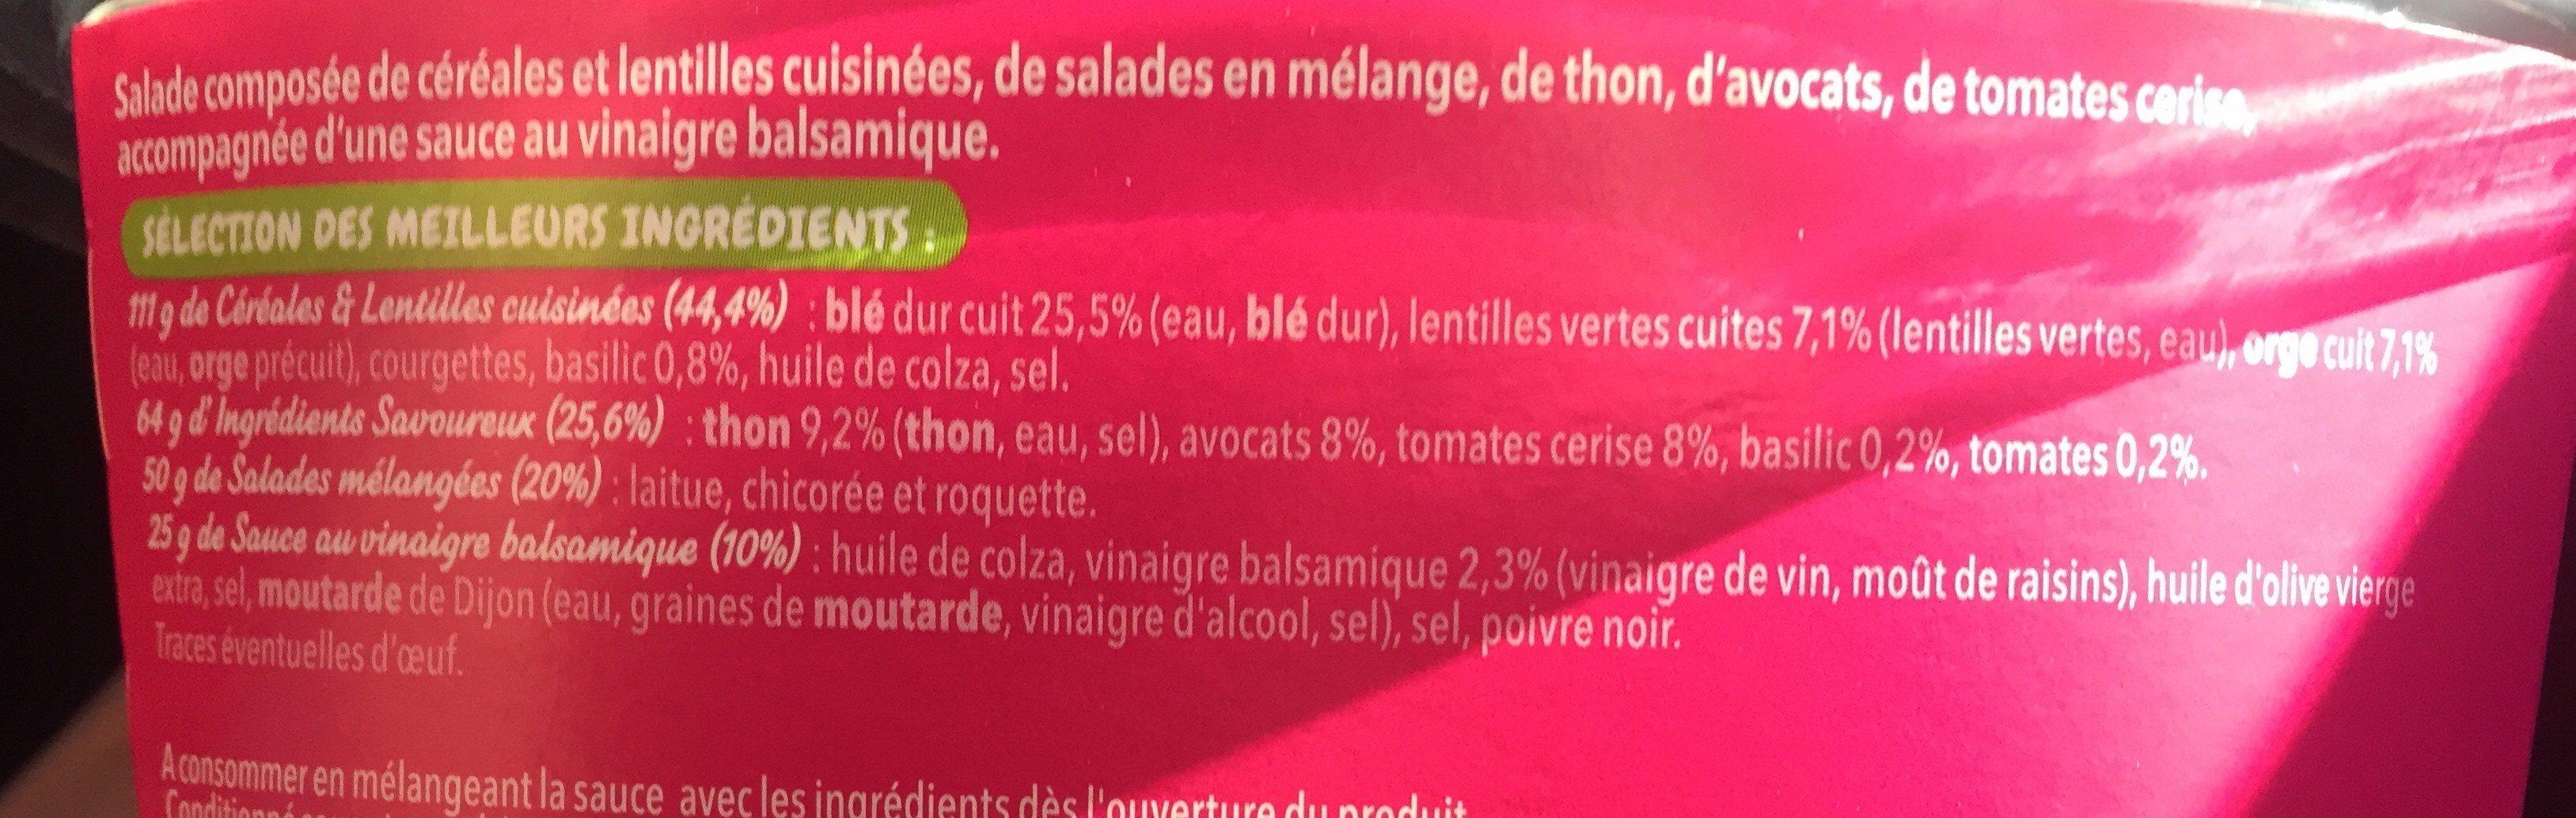 Mix - Salade et céréales Thon  Avocat - Ingrédients - fr